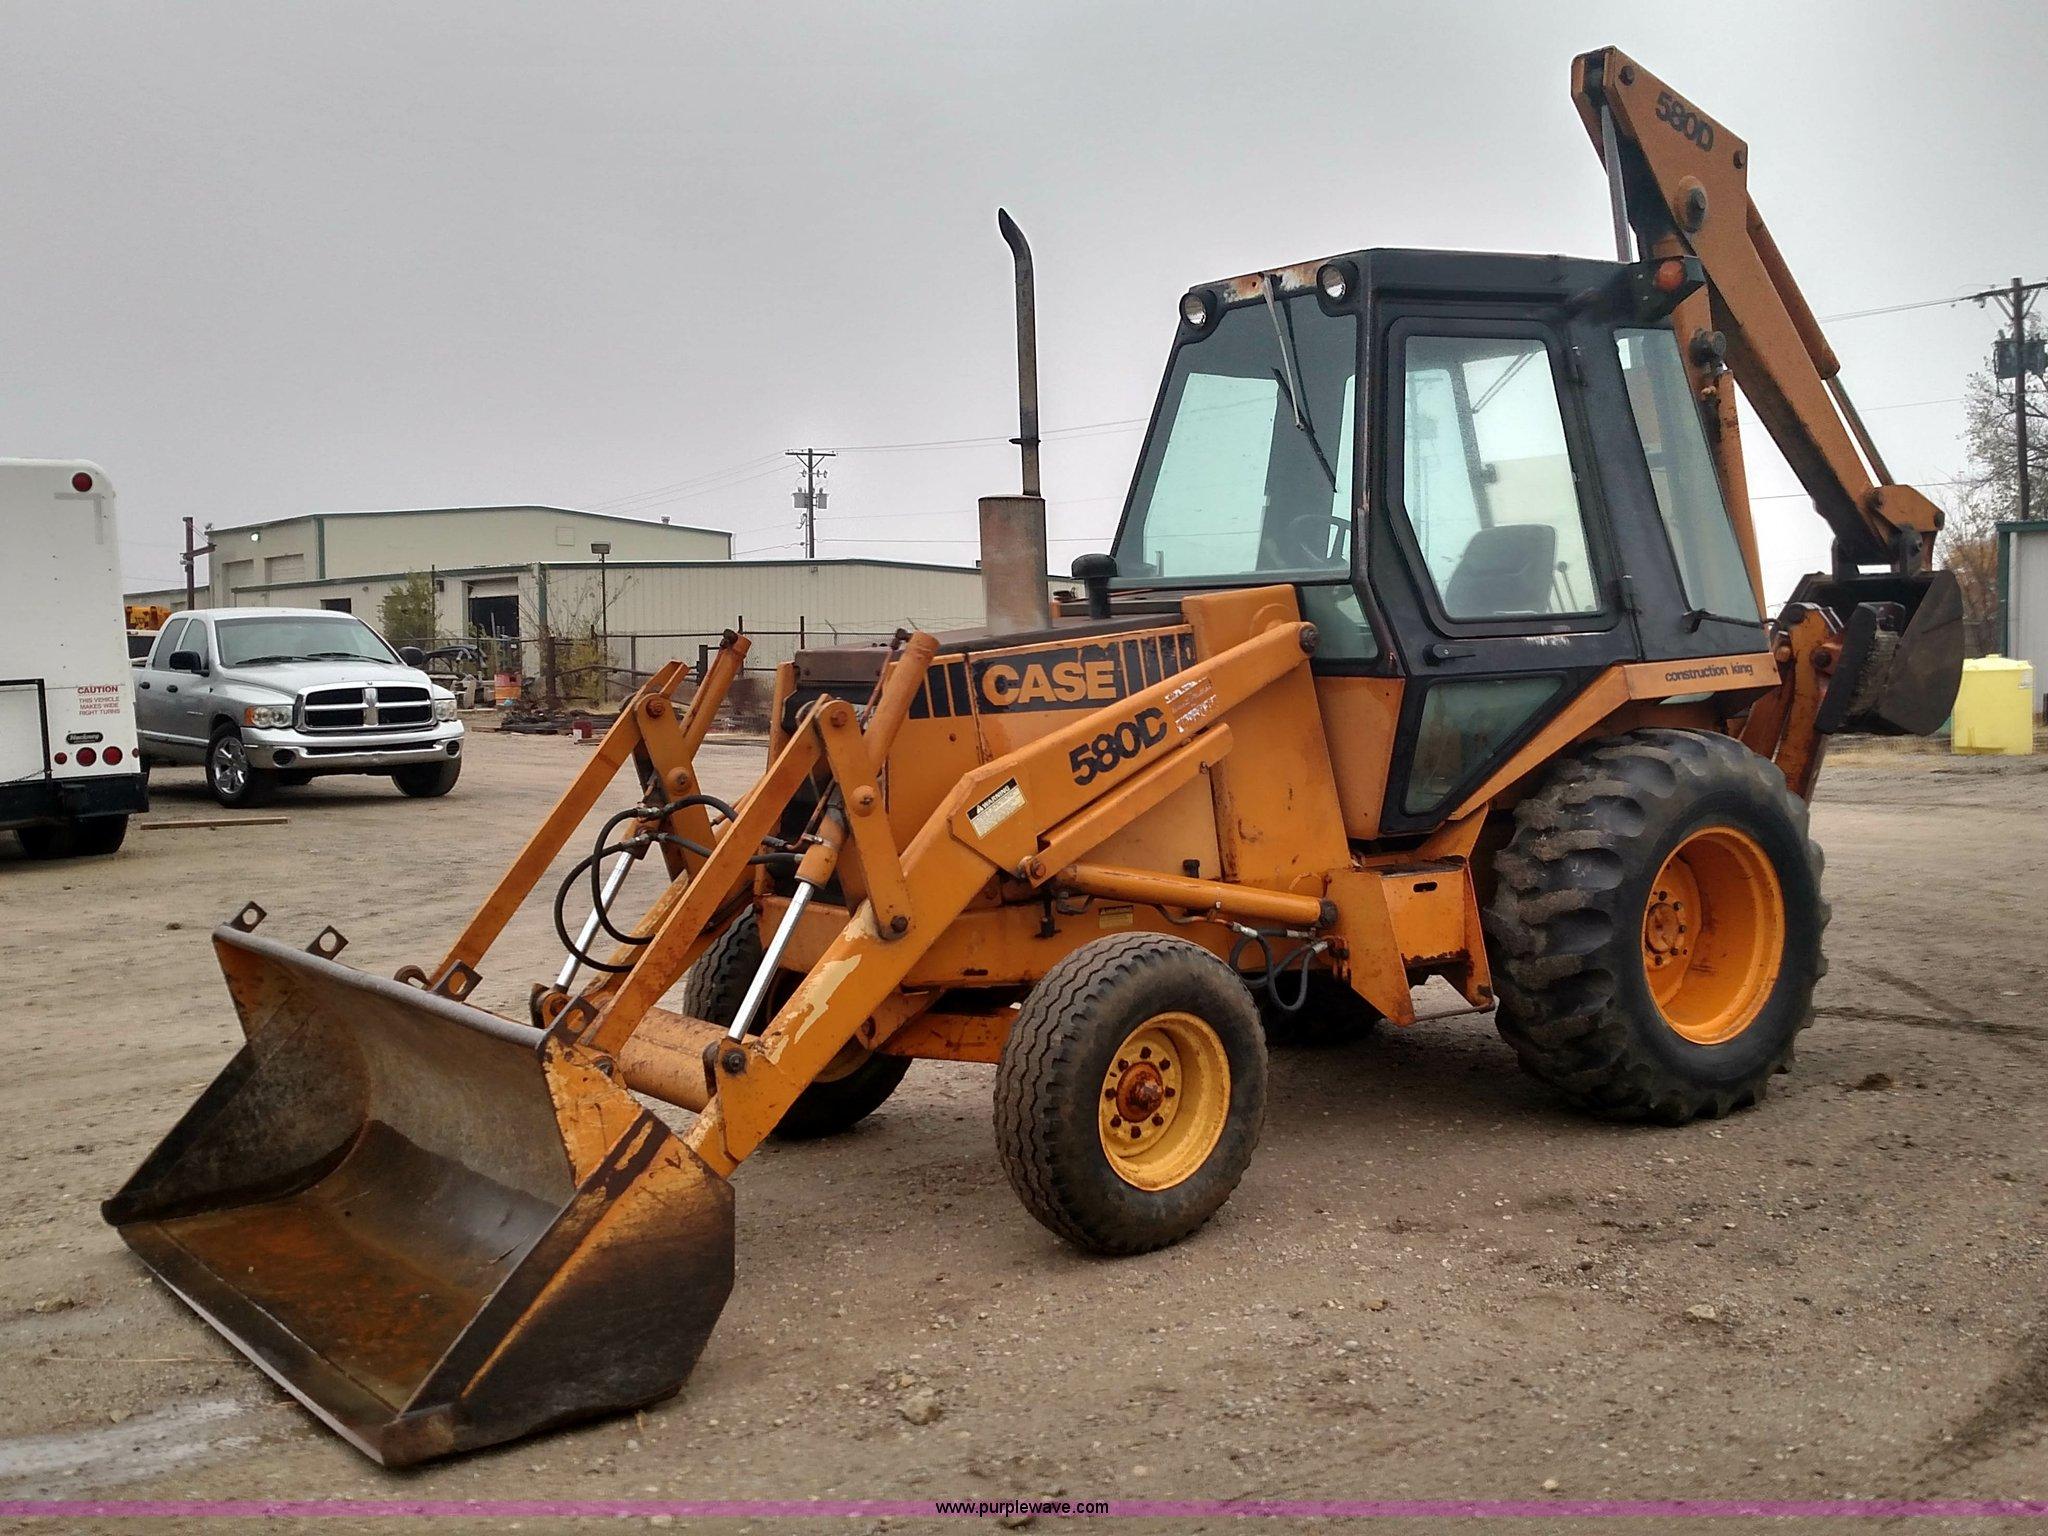 1982 Case Tractors : Case d backhoe item br sold december